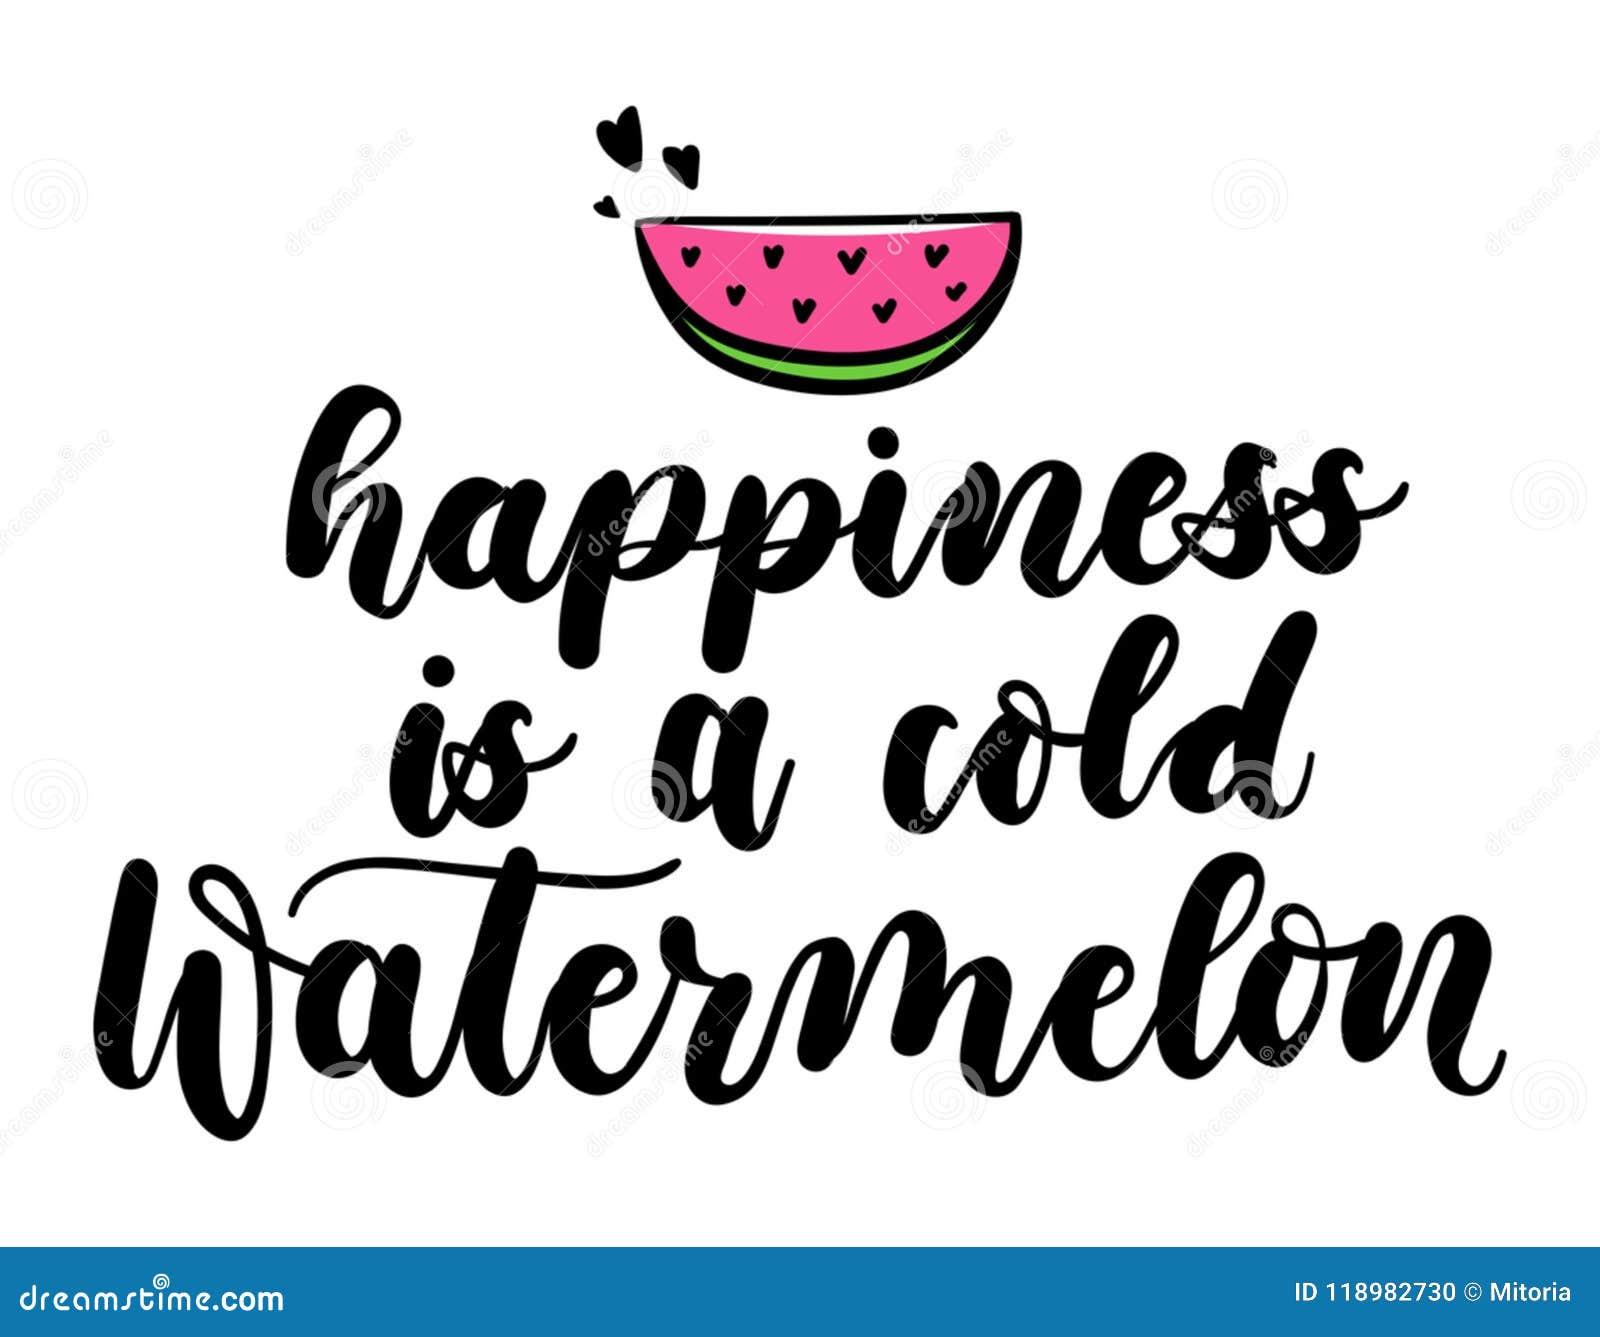 Η ευτυχία είναι ένα κρύο απόσπασμα εγγραφής καρπουζιών που απομονώνεται στο λευκό